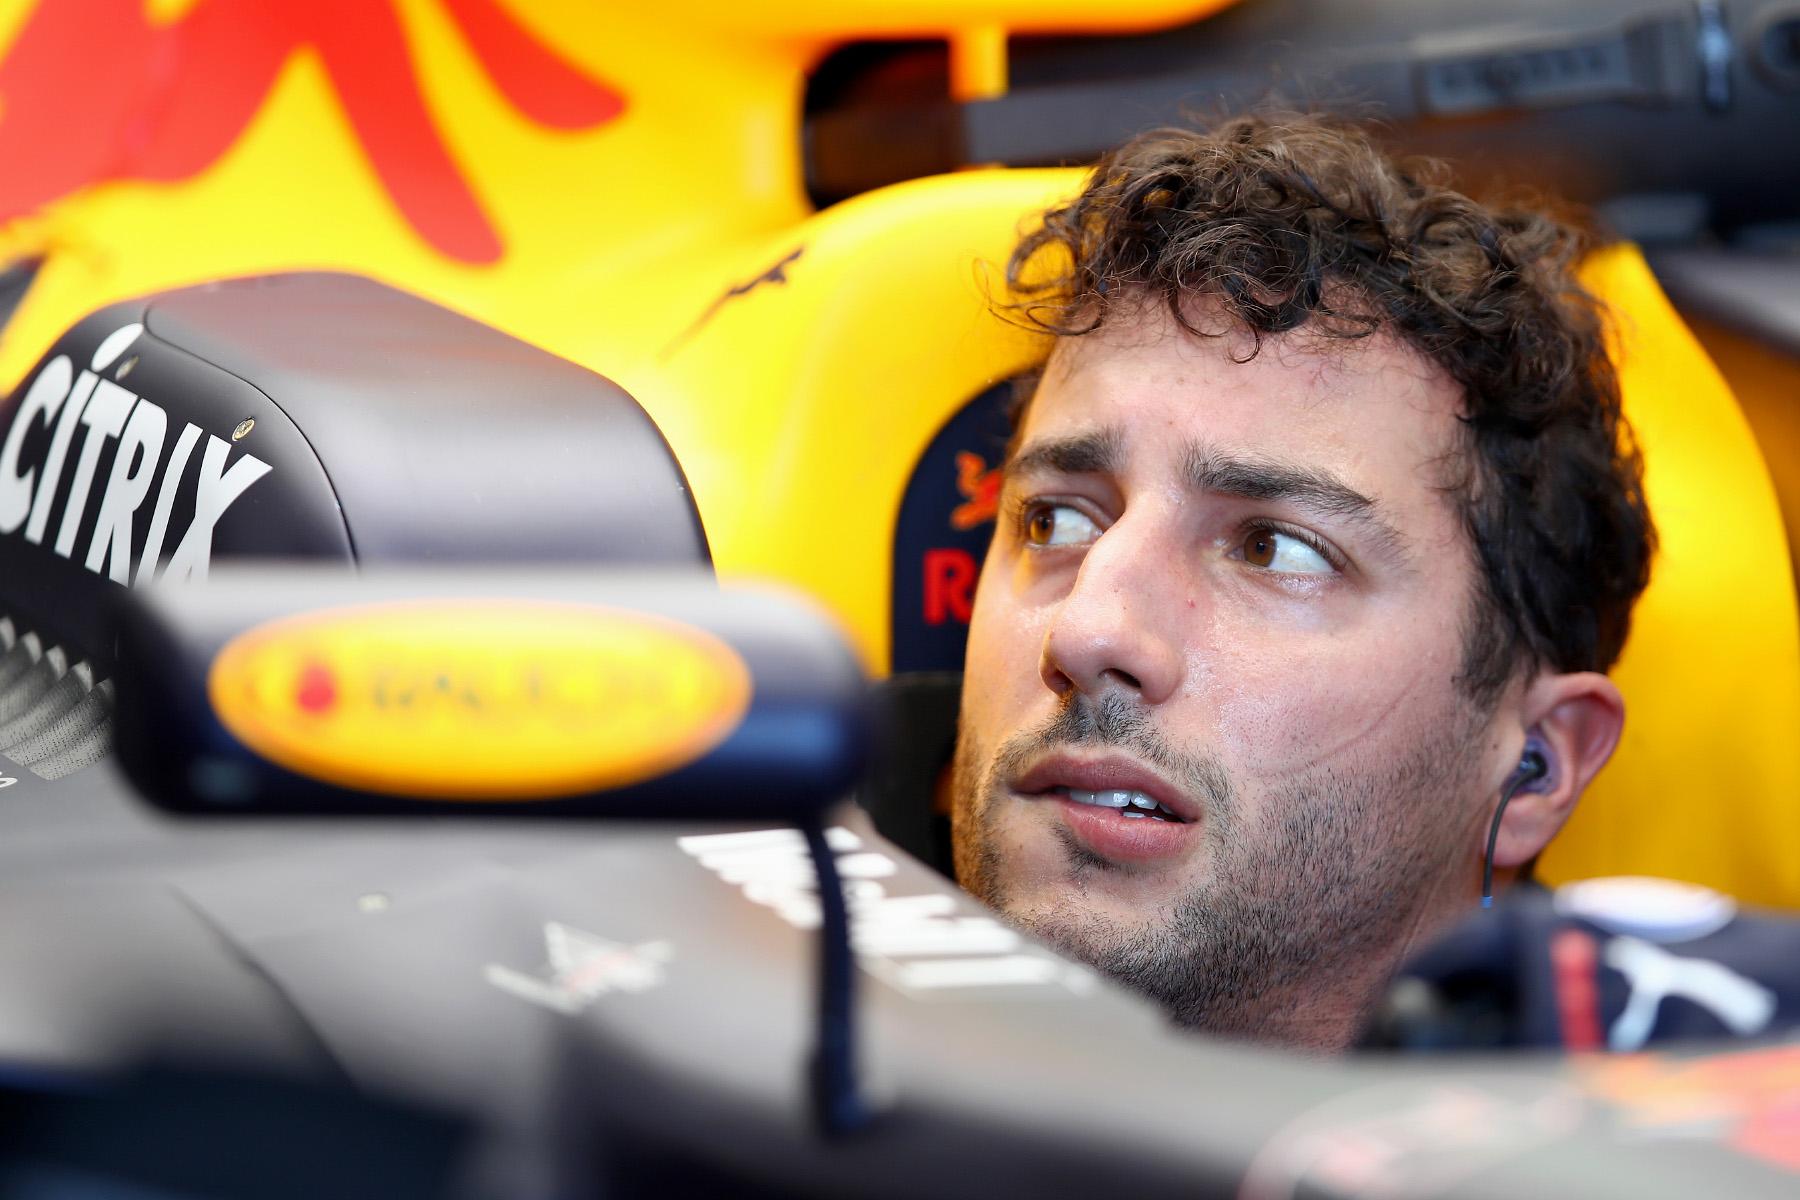 Qualifying crash a mystery: Ricciardo